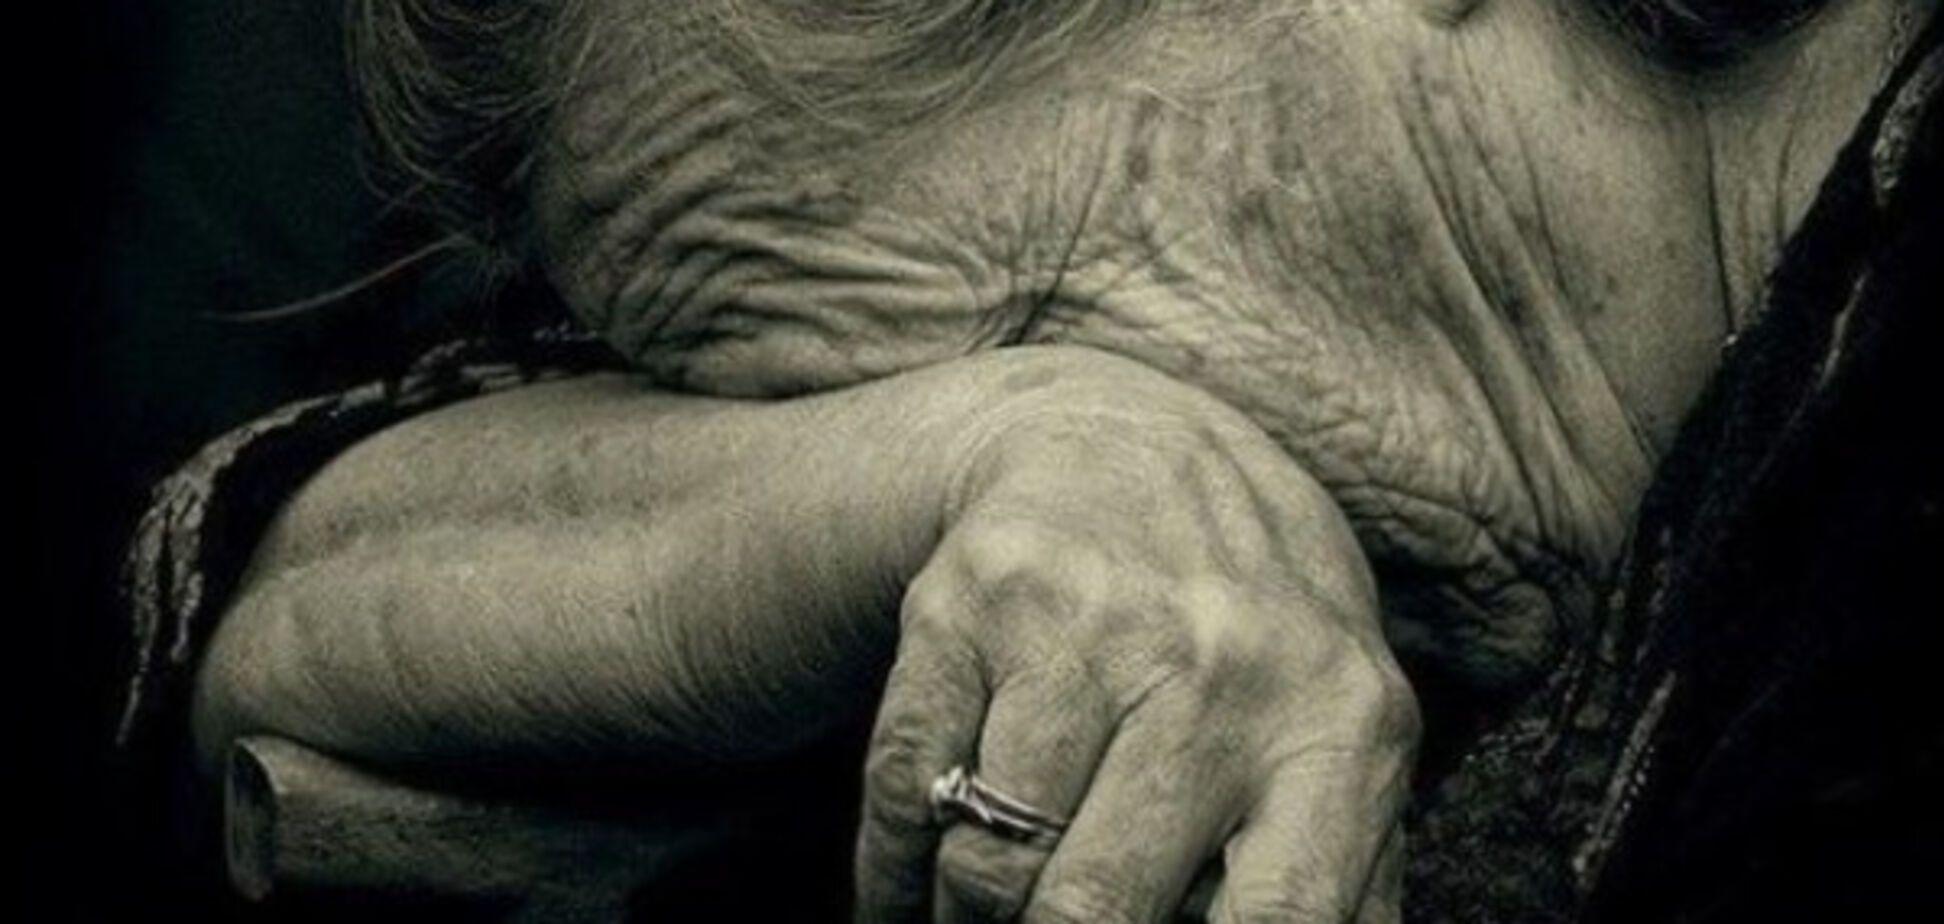 Конфликт поколений: в Запорожье внучка избила бабушку